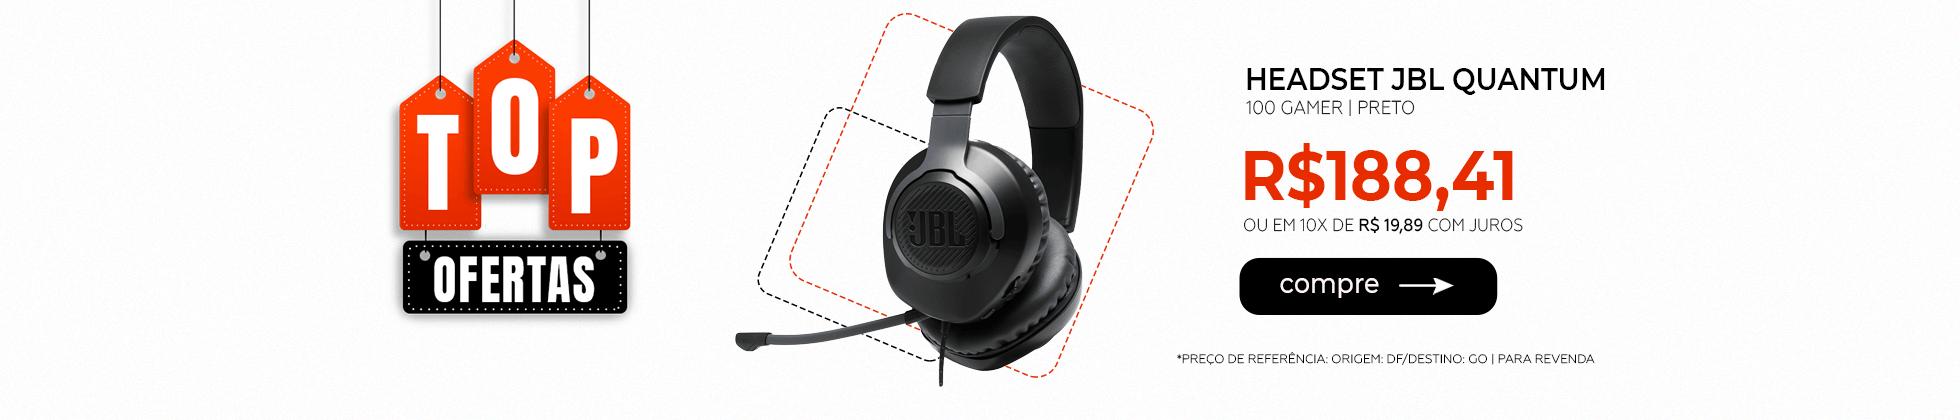 Headset JBL Quantum